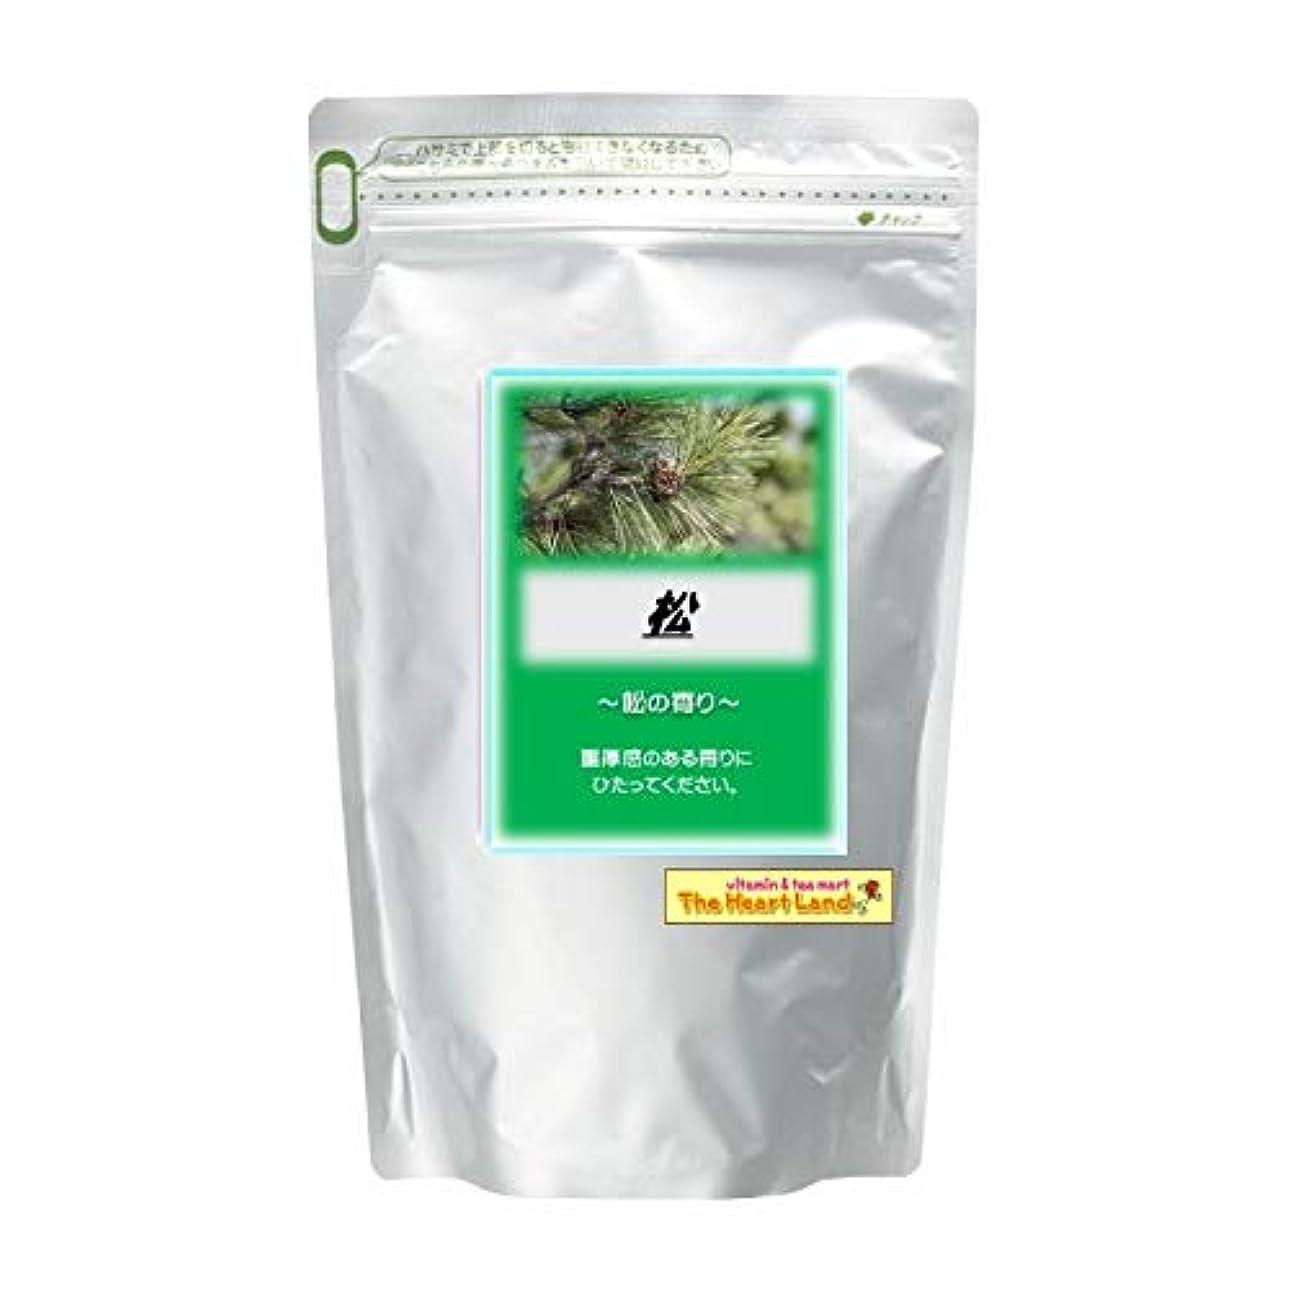 エミュレートする栄養浸食アサヒ入浴剤 浴用入浴化粧品 松 2.5kg